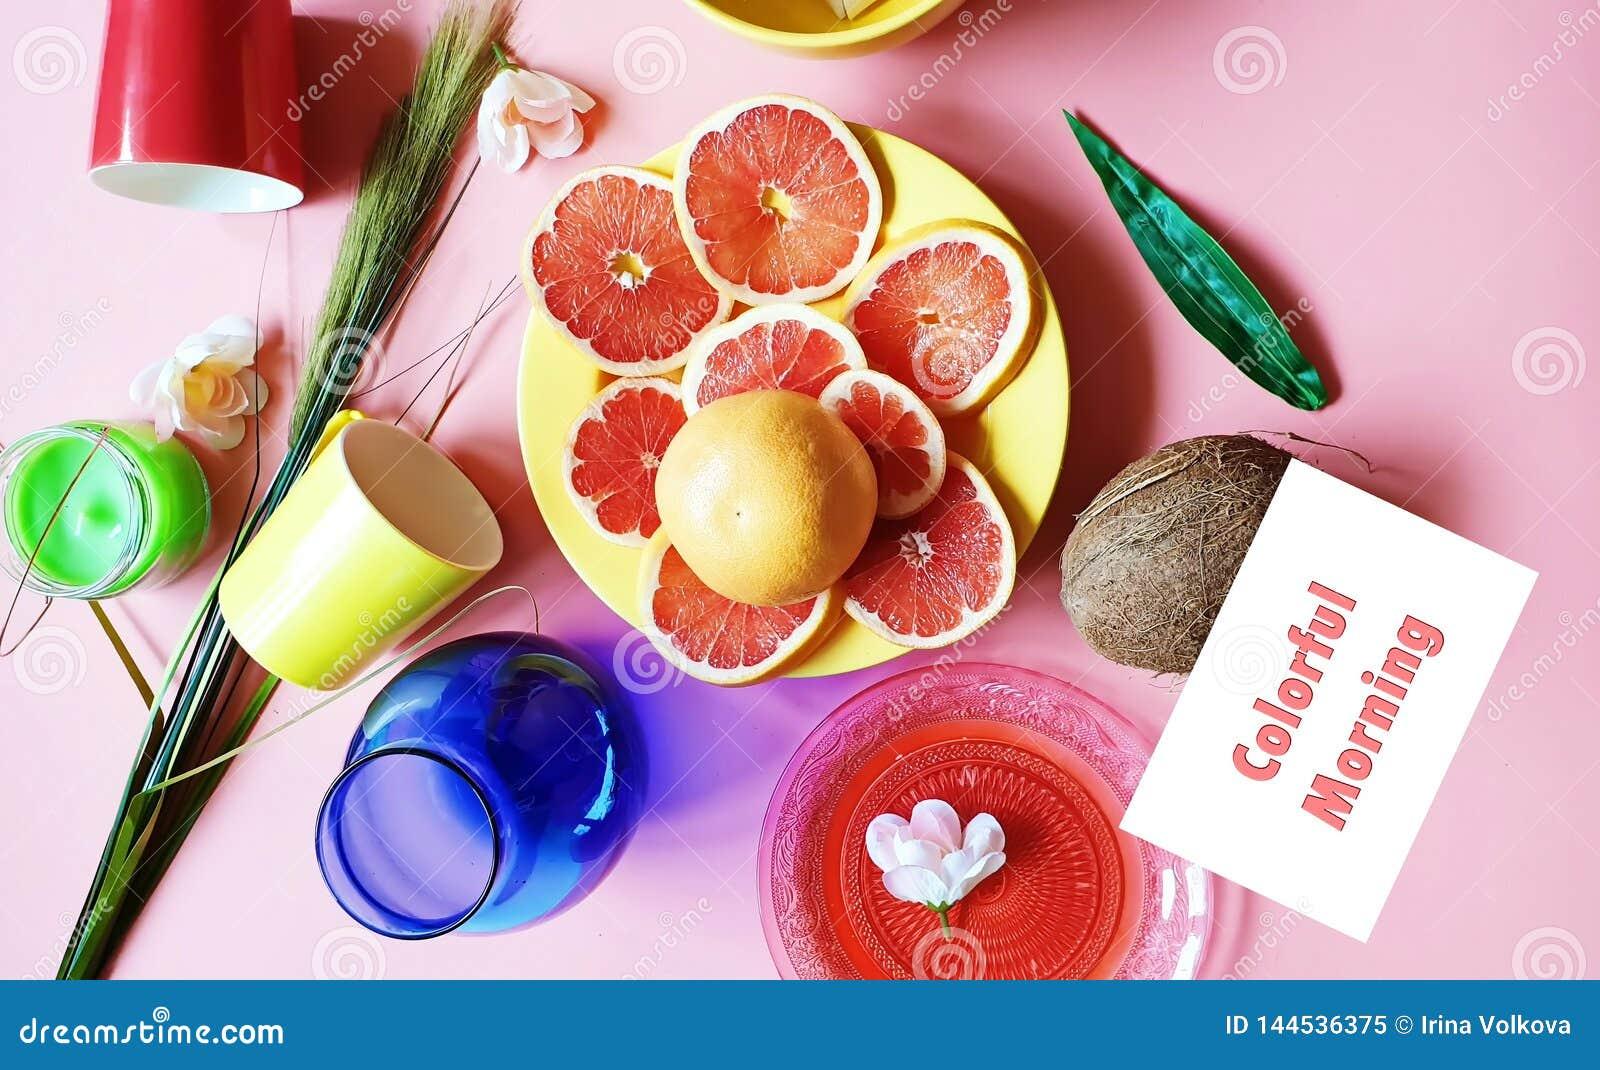 Τα ζωηρόχρωμα πρωινού κόκκινα γκρέιπφρουτ φετών καρύδων εσπεριδοειδούς πράσινα μπλε κόκκινα κίτρινα ρόδινα πιάτα πολτού μήλων jui